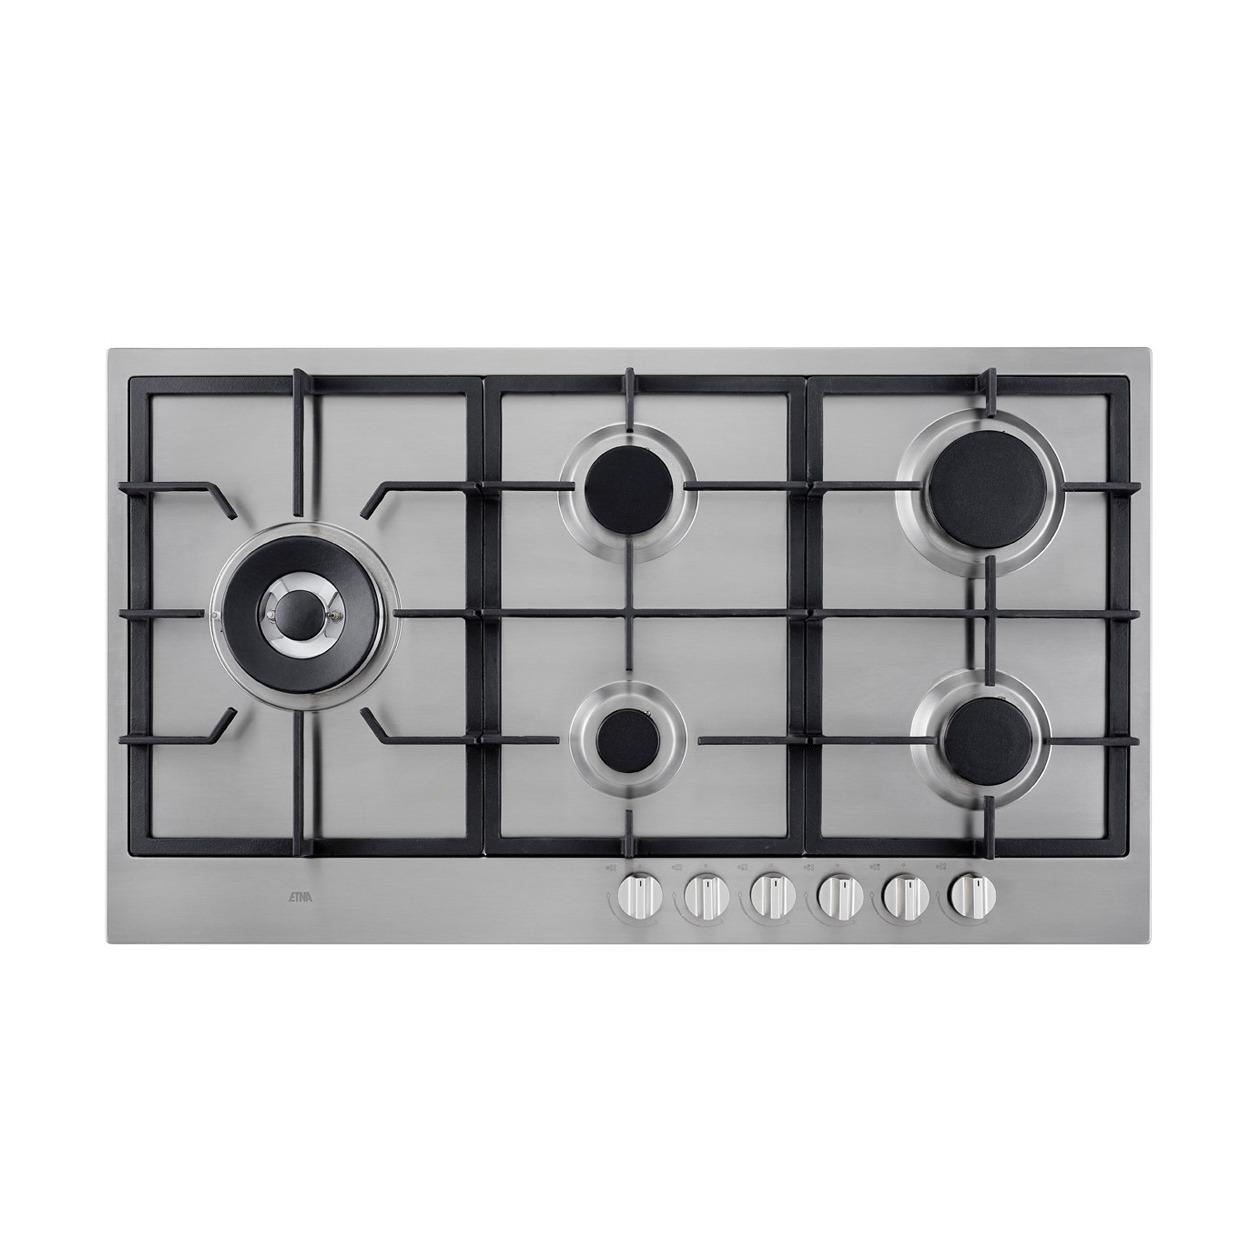 Etna KGF889RVSA Gas inbouwkookplaat Aluminium